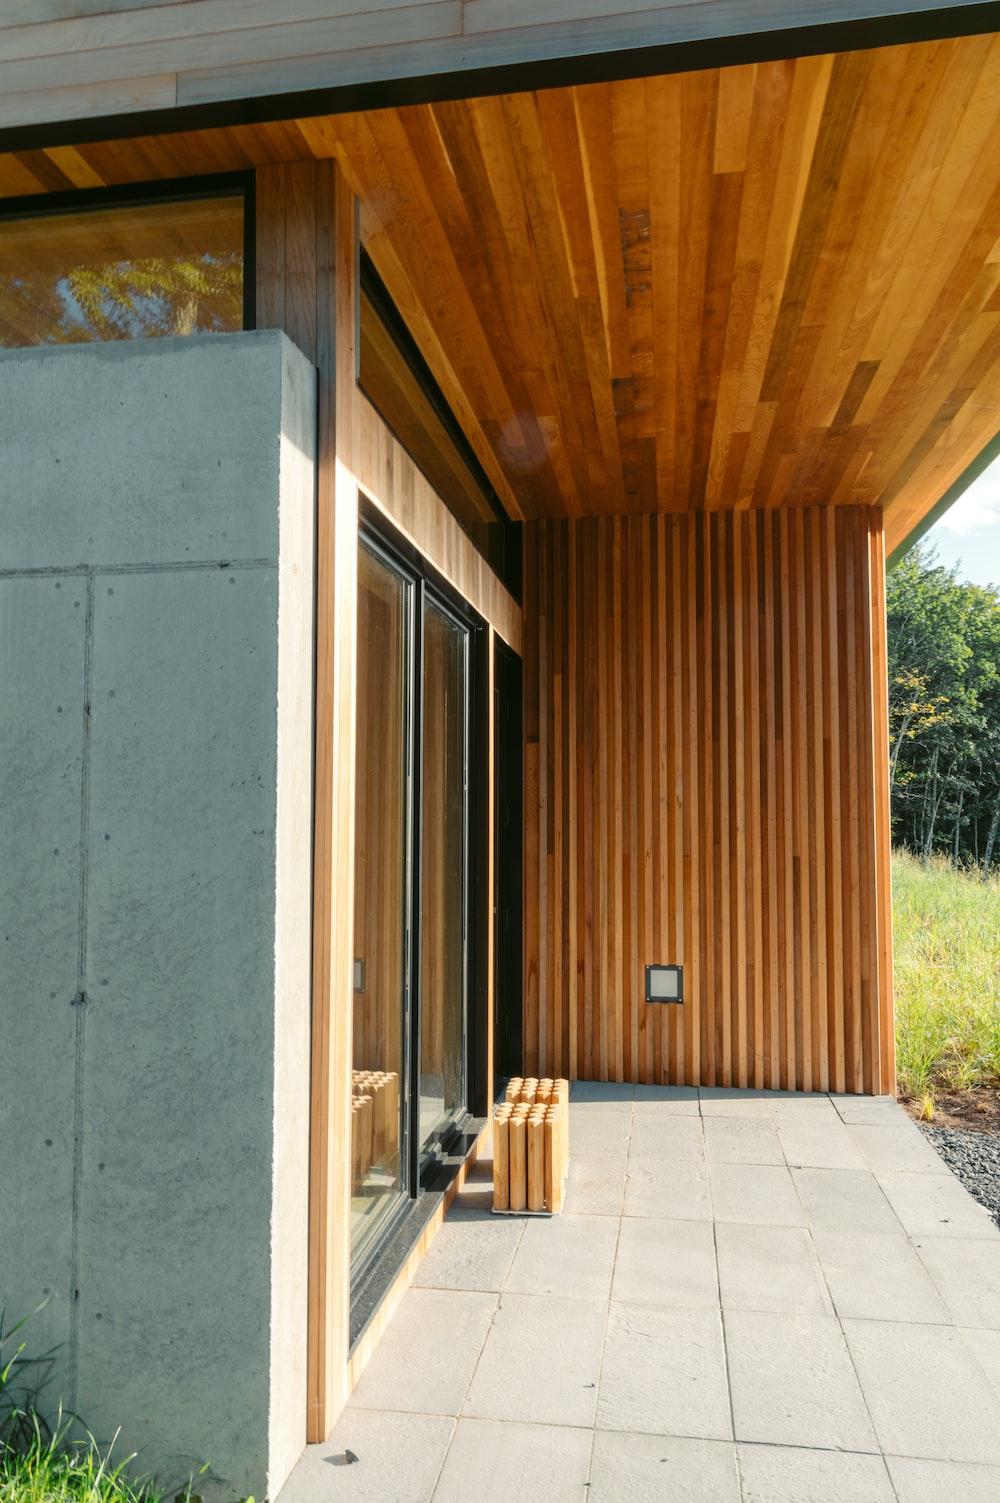 brown wooden bench near brown wooden door